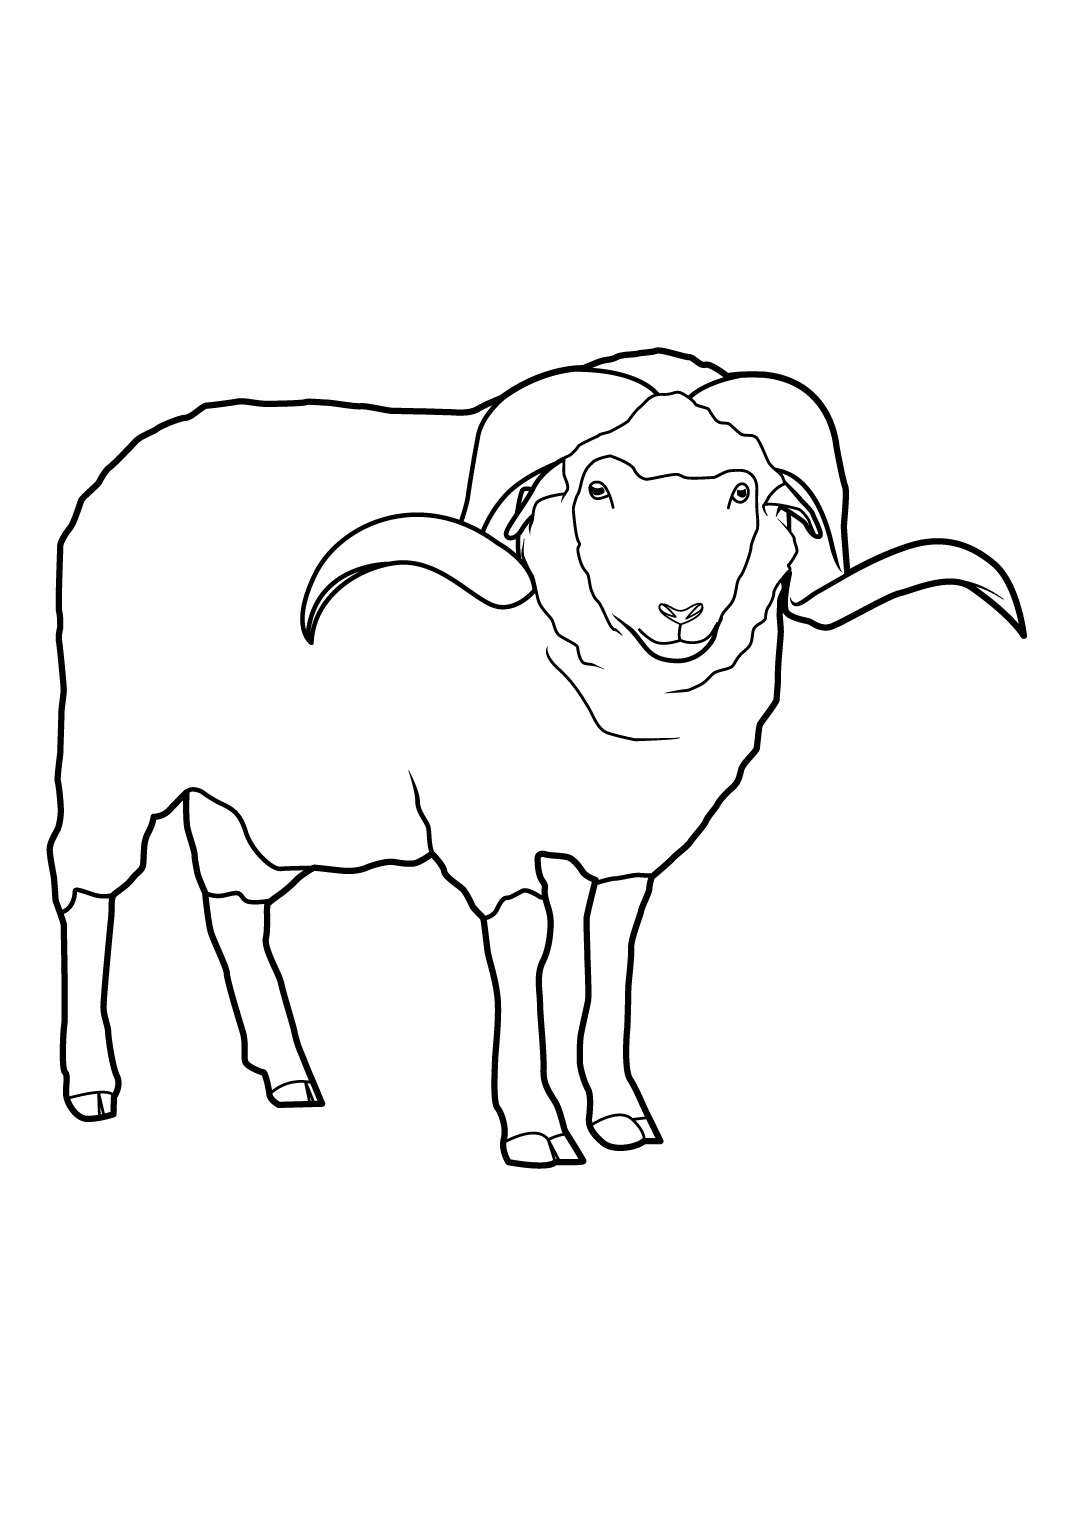 Coloriage Mouton - Les Beaux Dessins De Animaux À Imprimer tout Mouton À Colorier